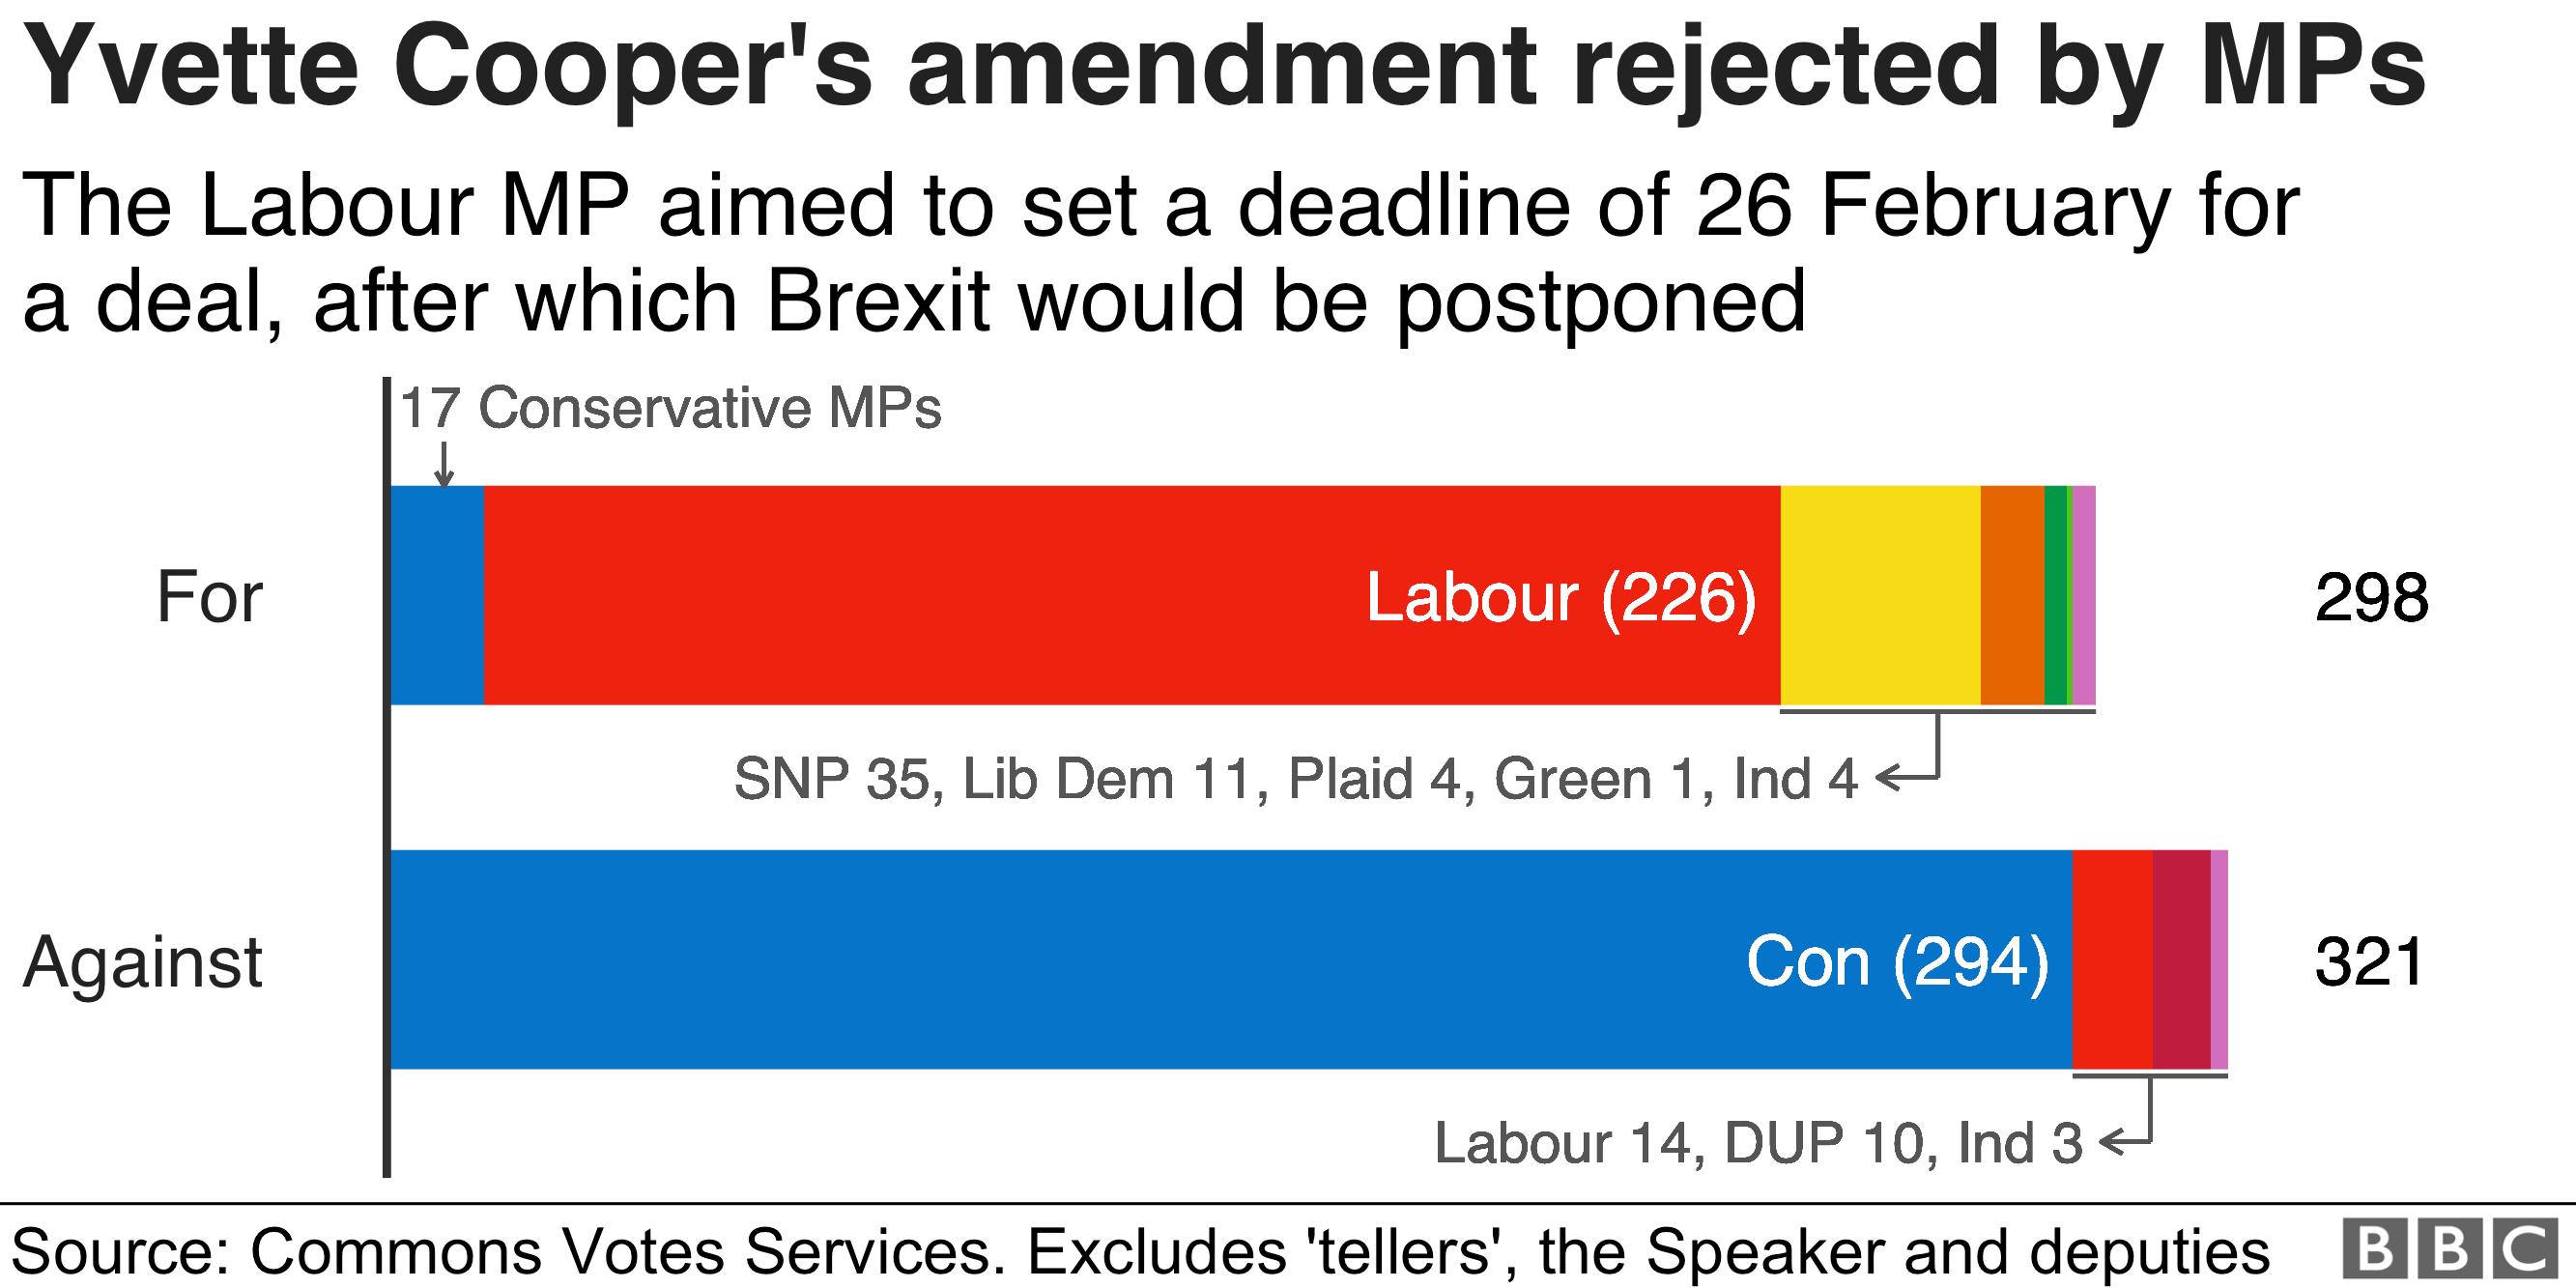 График, показывающий, как депутаты отклонили поправку Иветты Купер